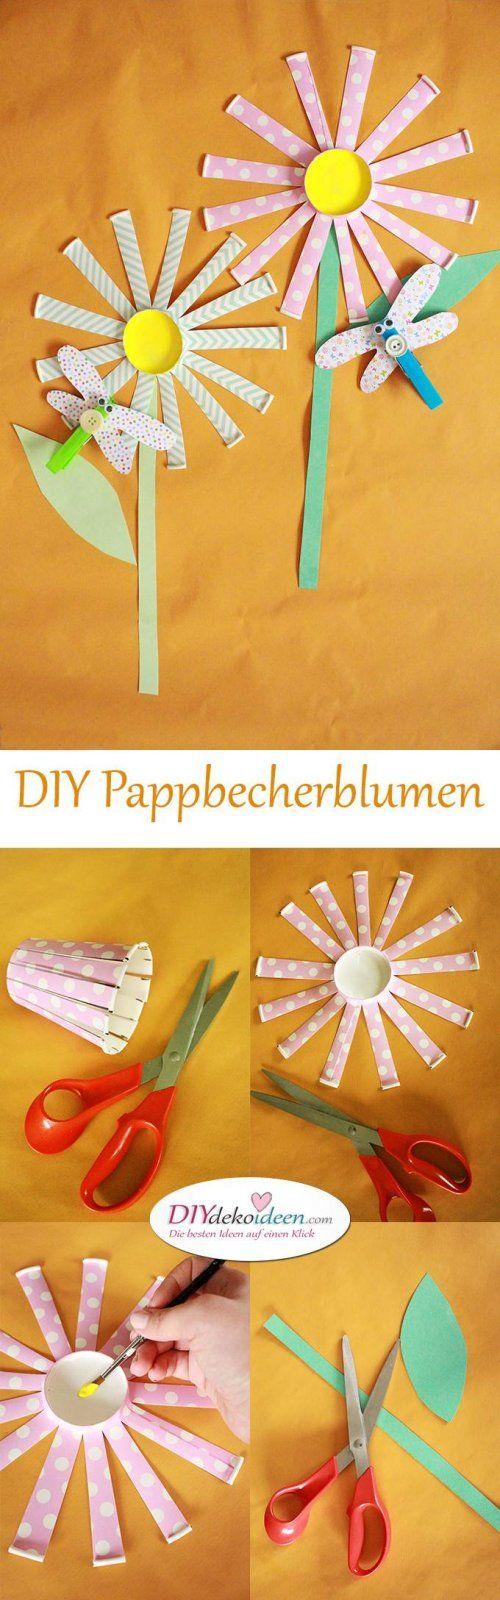 Pappbecherblumen basteln mit Kleinkindern – DIY Bastelideen für die Ferien